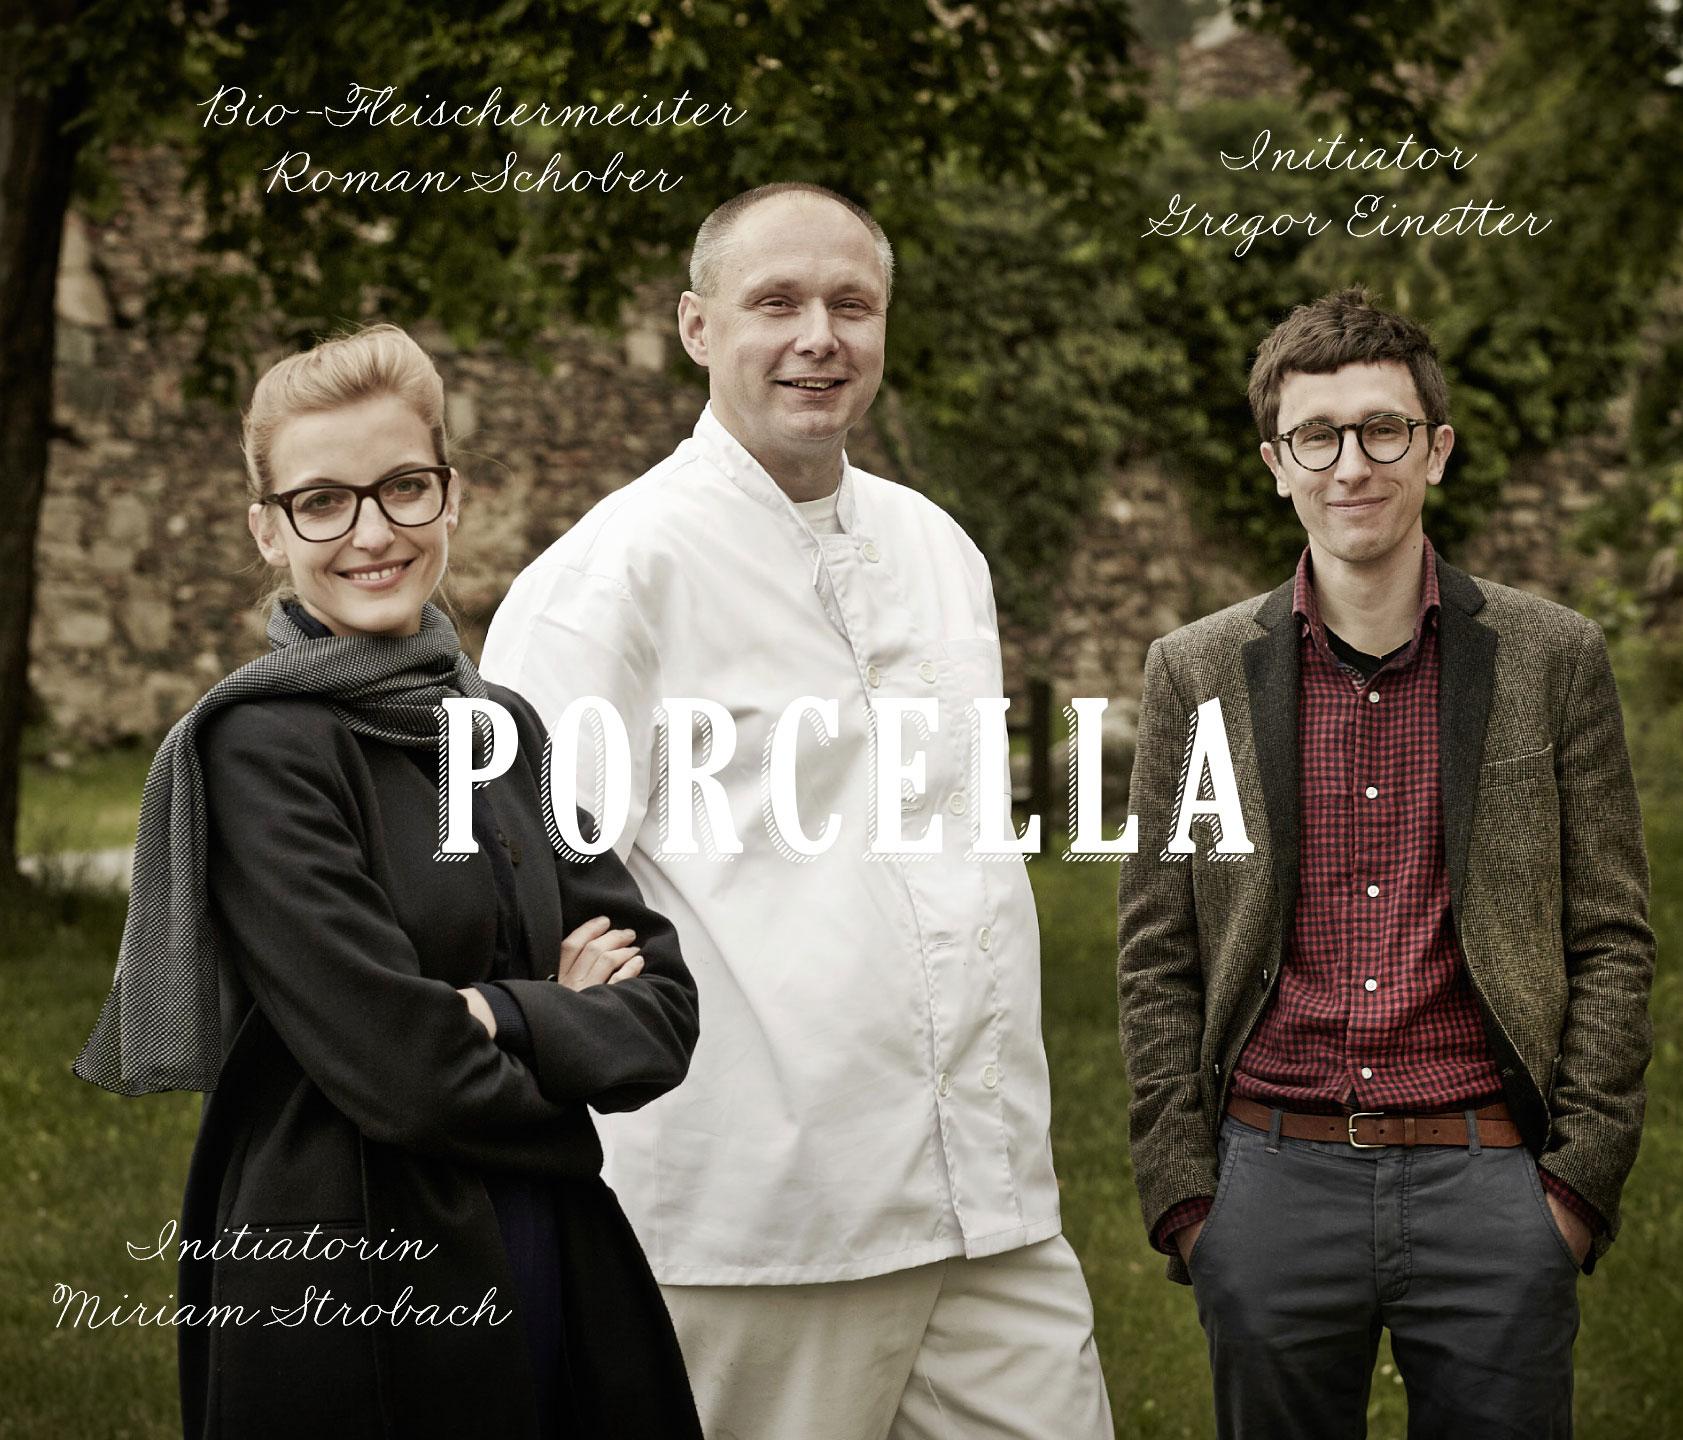 Porcella_Fleischer und Initiatoren_beschriftet© Le Foodink